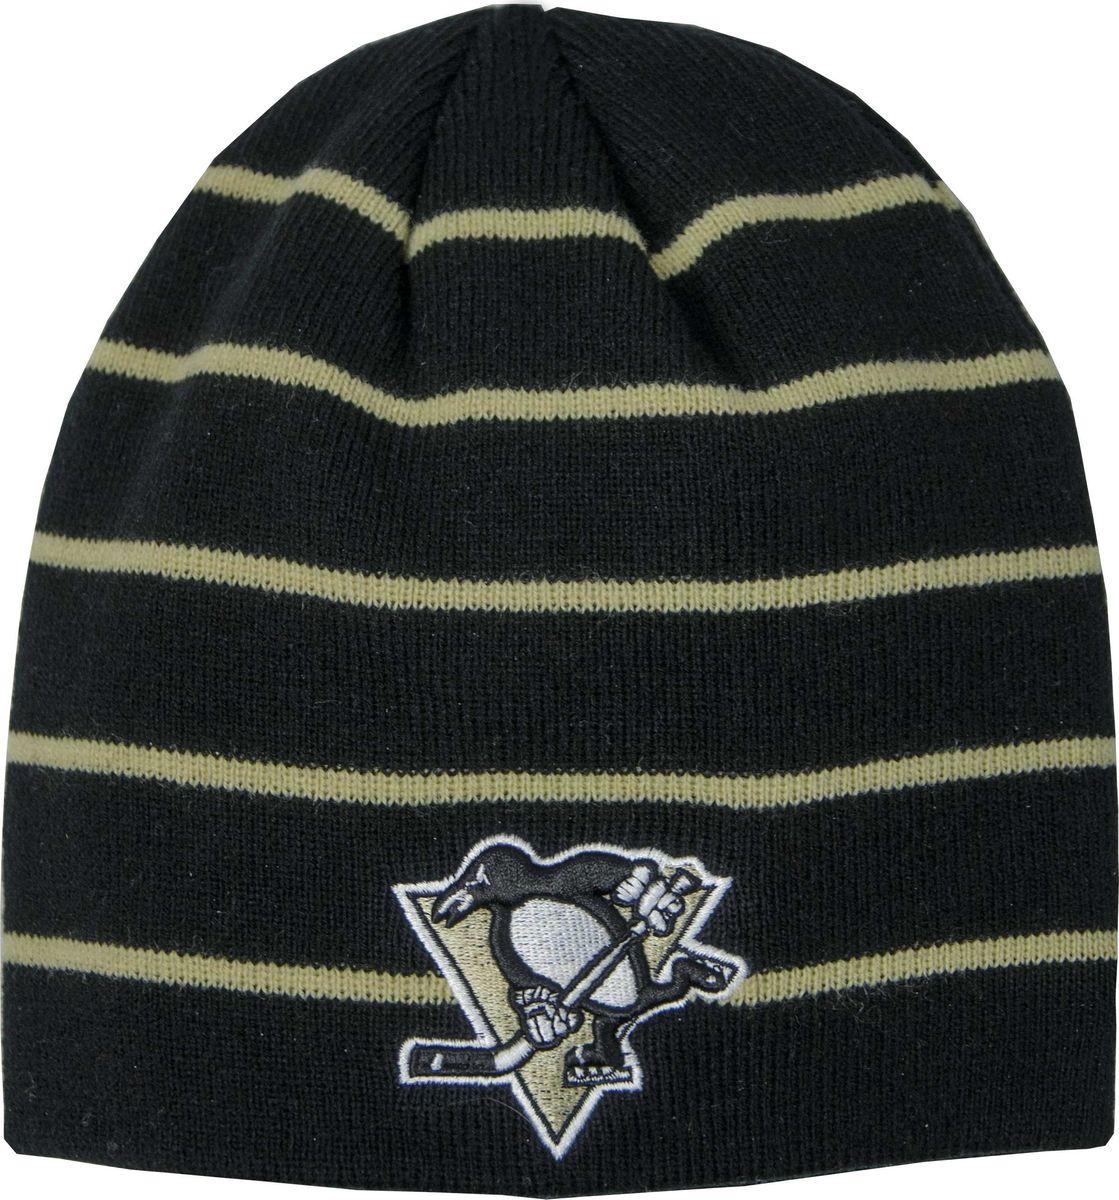 Шапка мужская Atributika & Club Pittsburgh Penguins, цвет: черный. 59038. Размер 55/5859038Мужская шапка в полоску Atributika & Club снабжена объемным вышитым логотипом команды. Выполнена из 100% акрила. Данная шапка является сертифицированным продуктом НХЛ, упакована в индивидуальную упаковку, защищена голограммой, имеет уникальный штрих код.